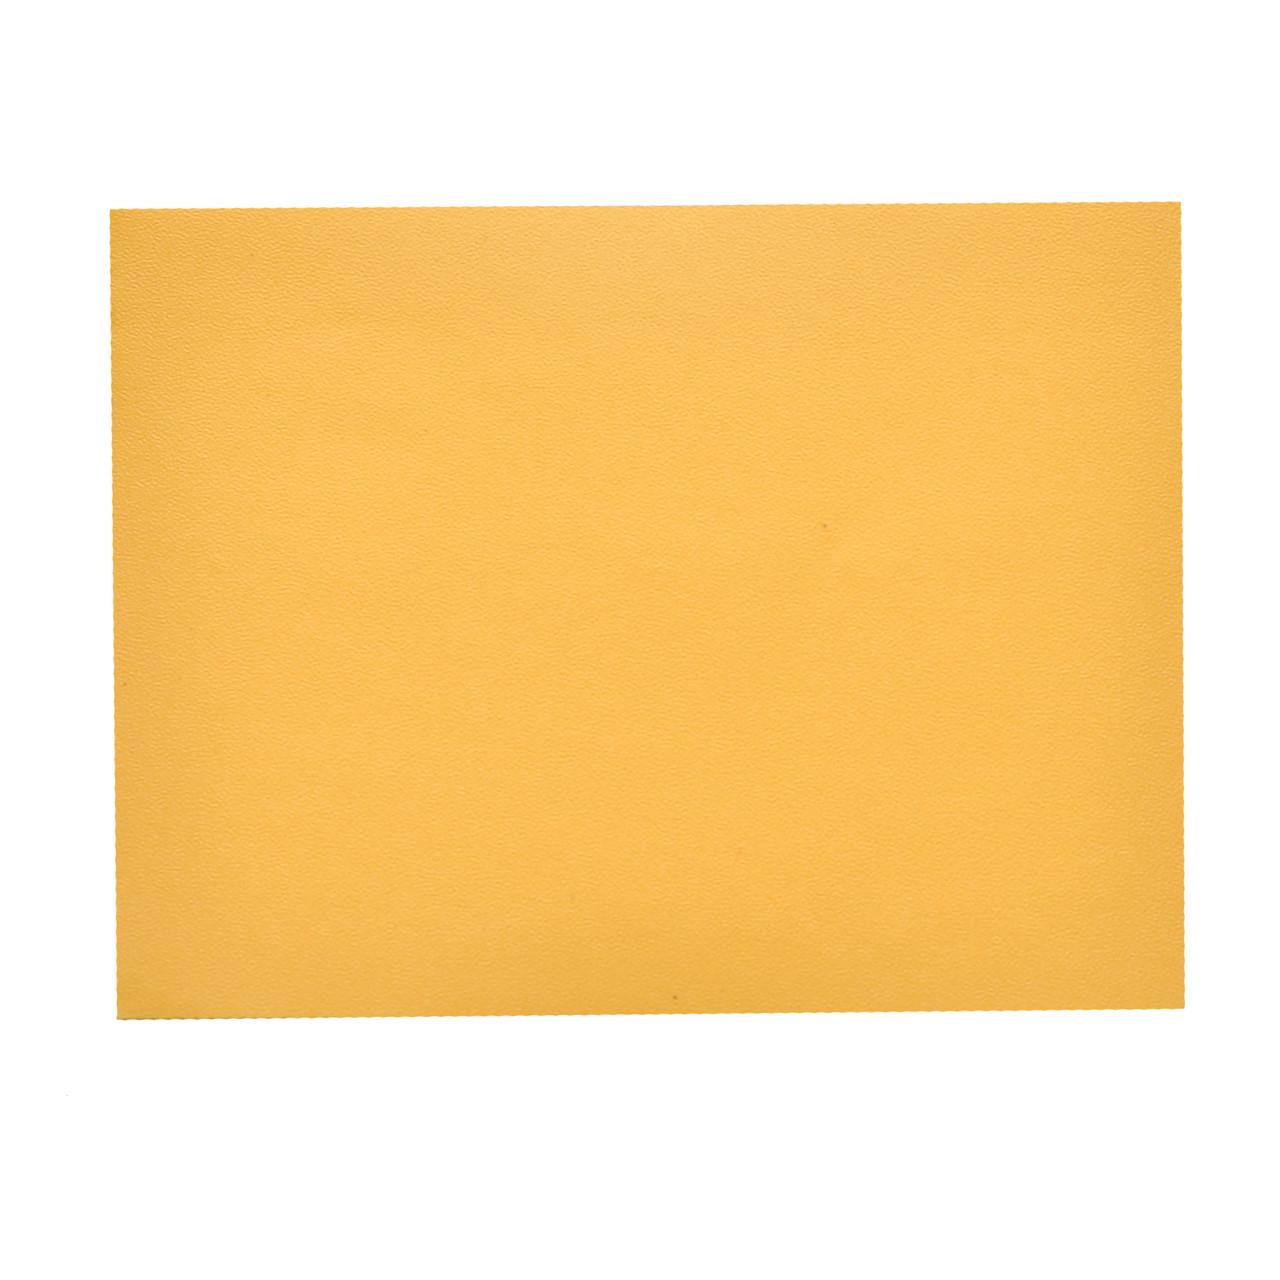 Структурная матовая пленка желтая